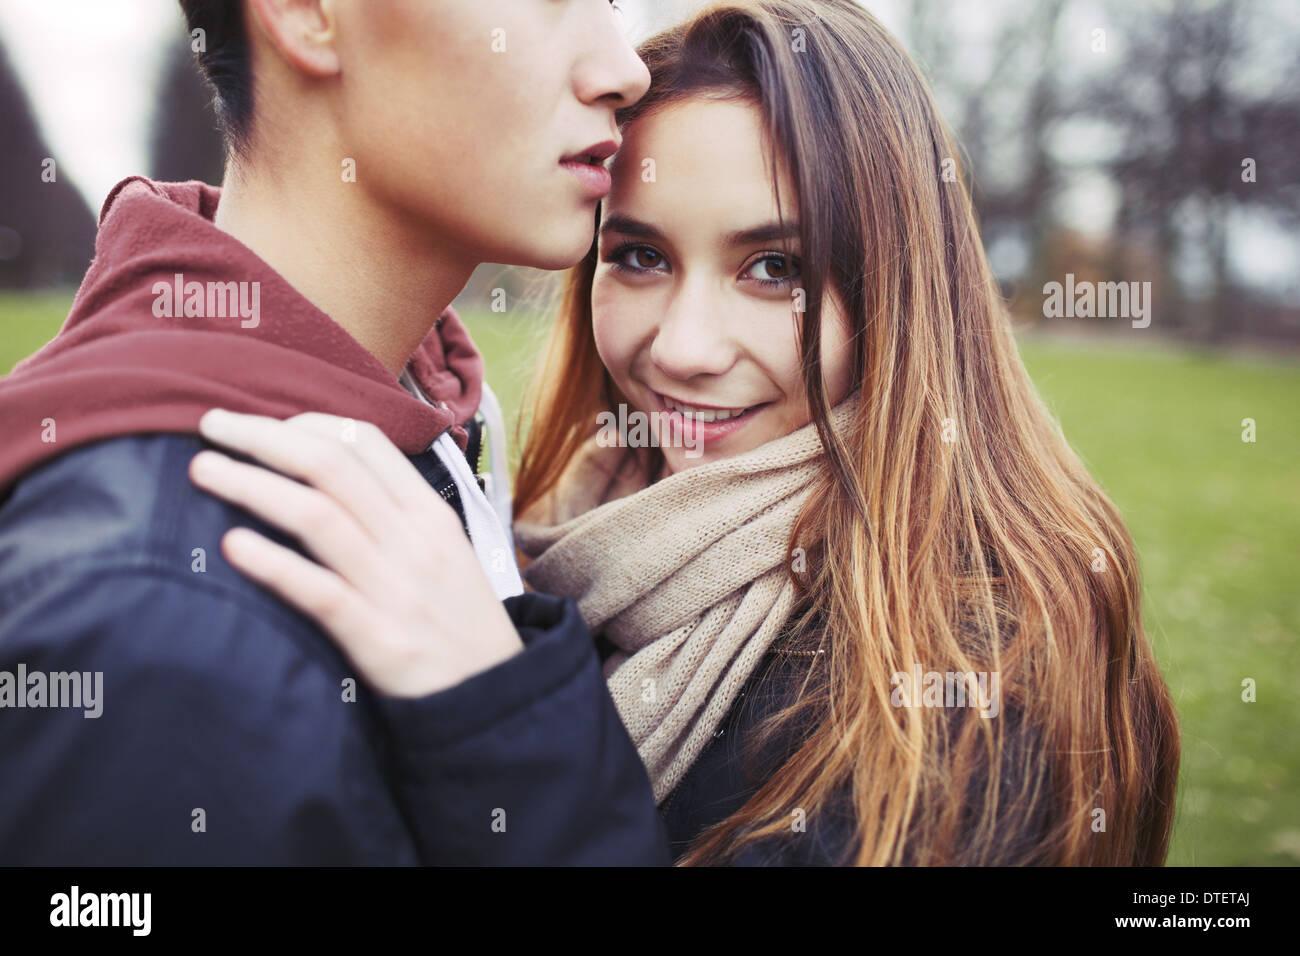 Bella ragazza adolescente con il suo fidanzato nel parco. Razza mista coppia giovane in amore all'esterno. Immagini Stock